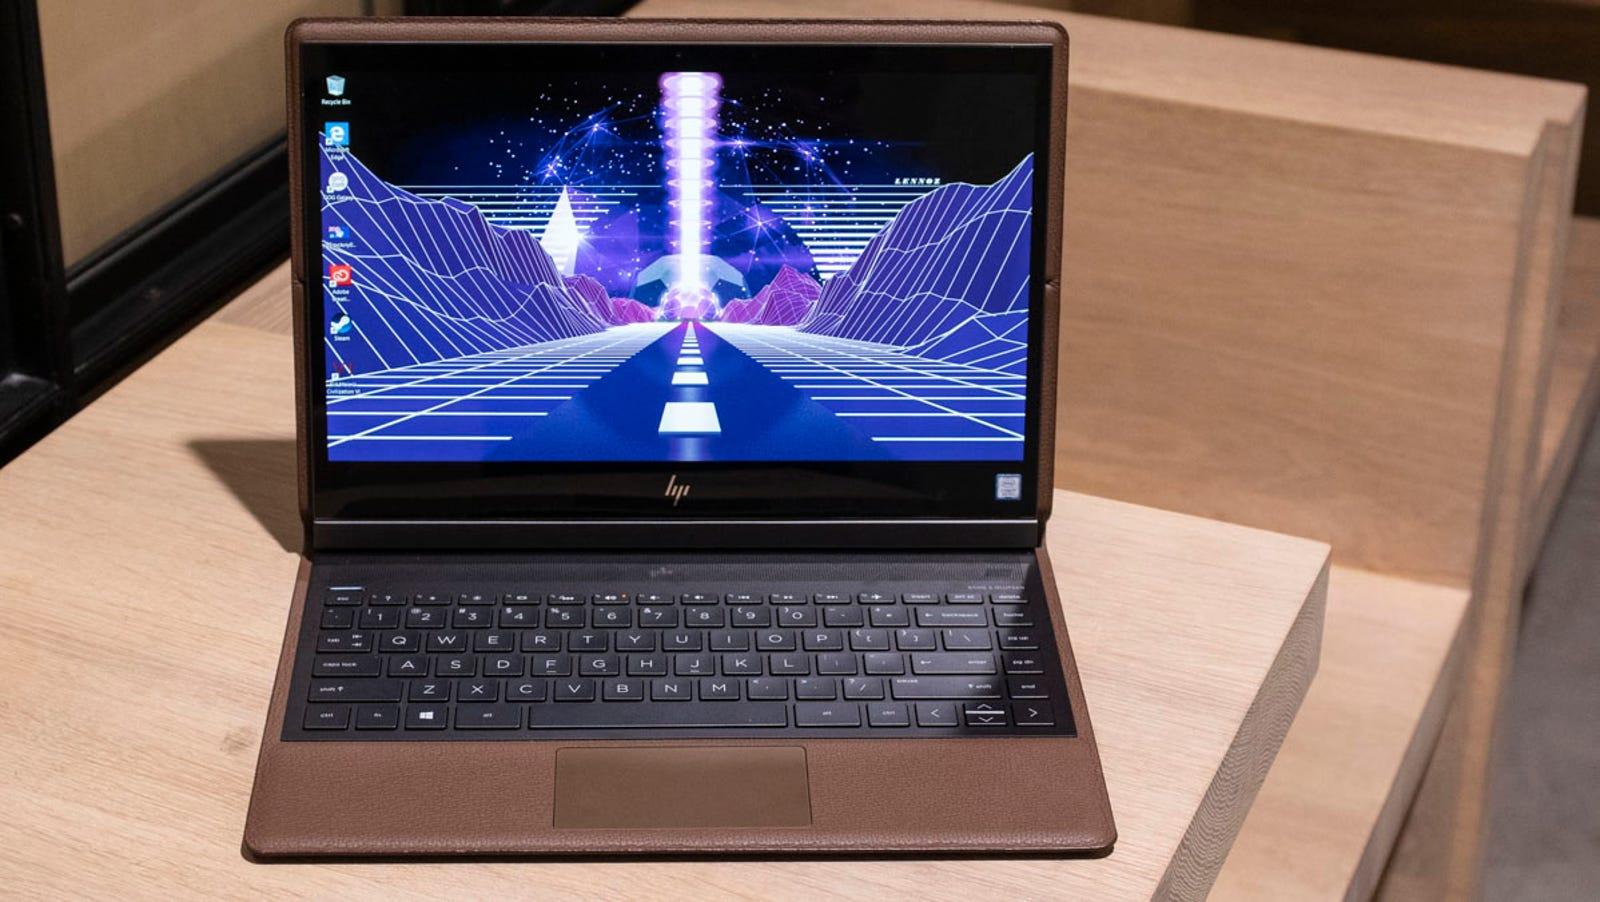 Laptop mode.